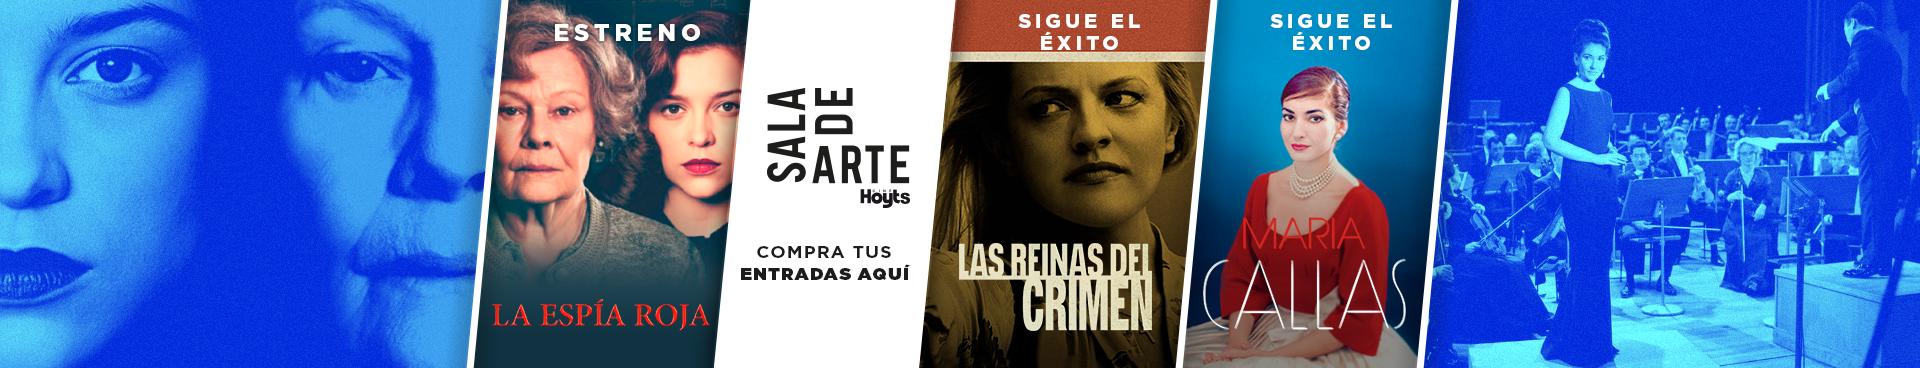 SALA DE ARTE: ESTRENO LA ESPIA ROJA + EN CARTELERA: LAS REINAS DEL CRIMEN + MARIA CALLAS, COMPRA TUS ENTRADAS AQUÍ